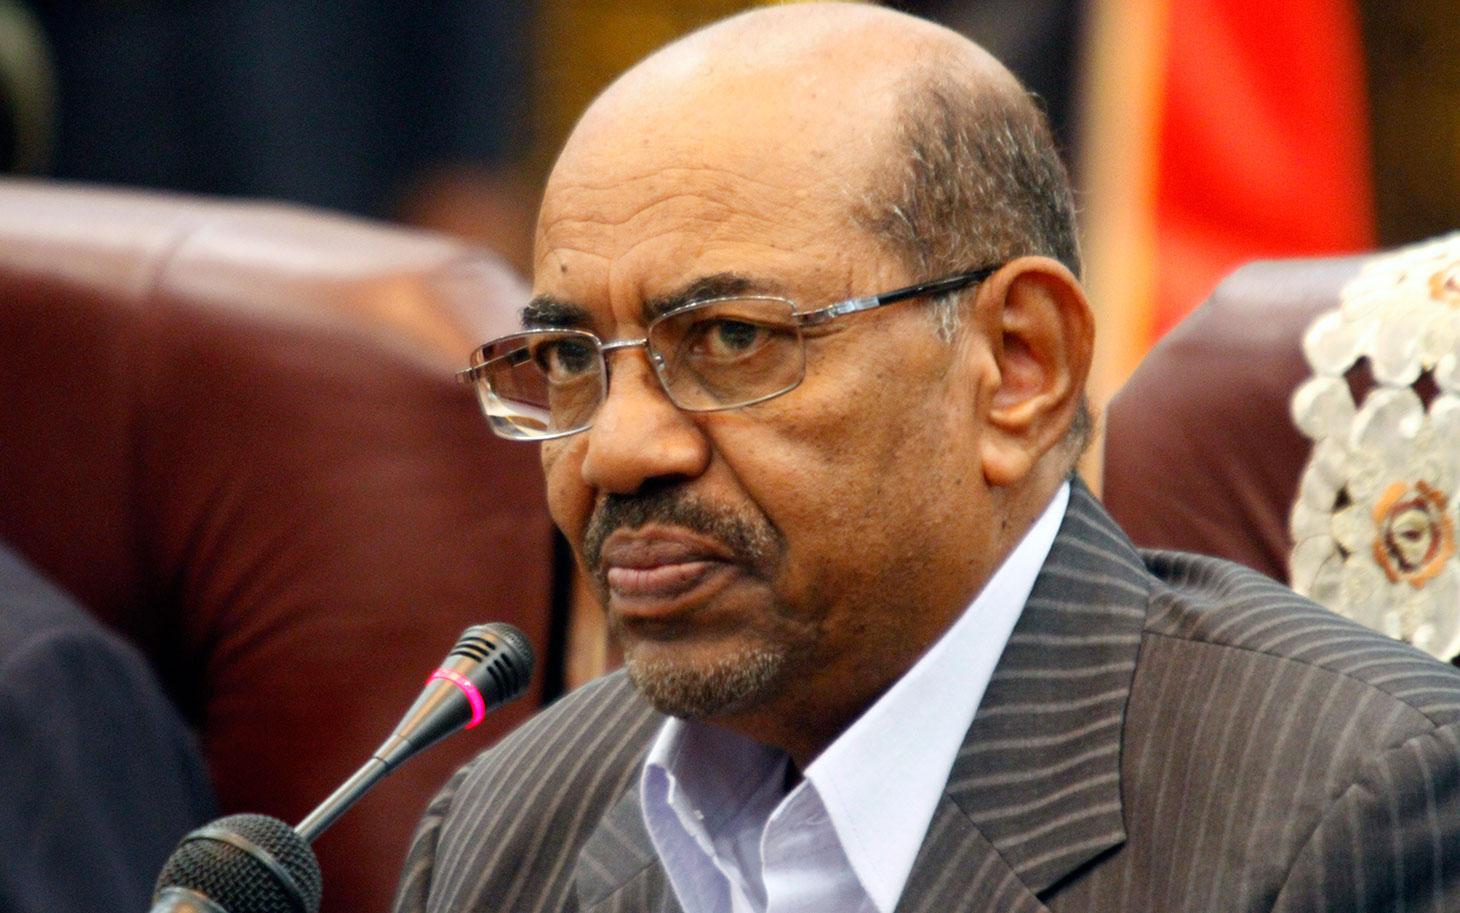 Sudan's President Omar al-Bashir is wanted by ICC.